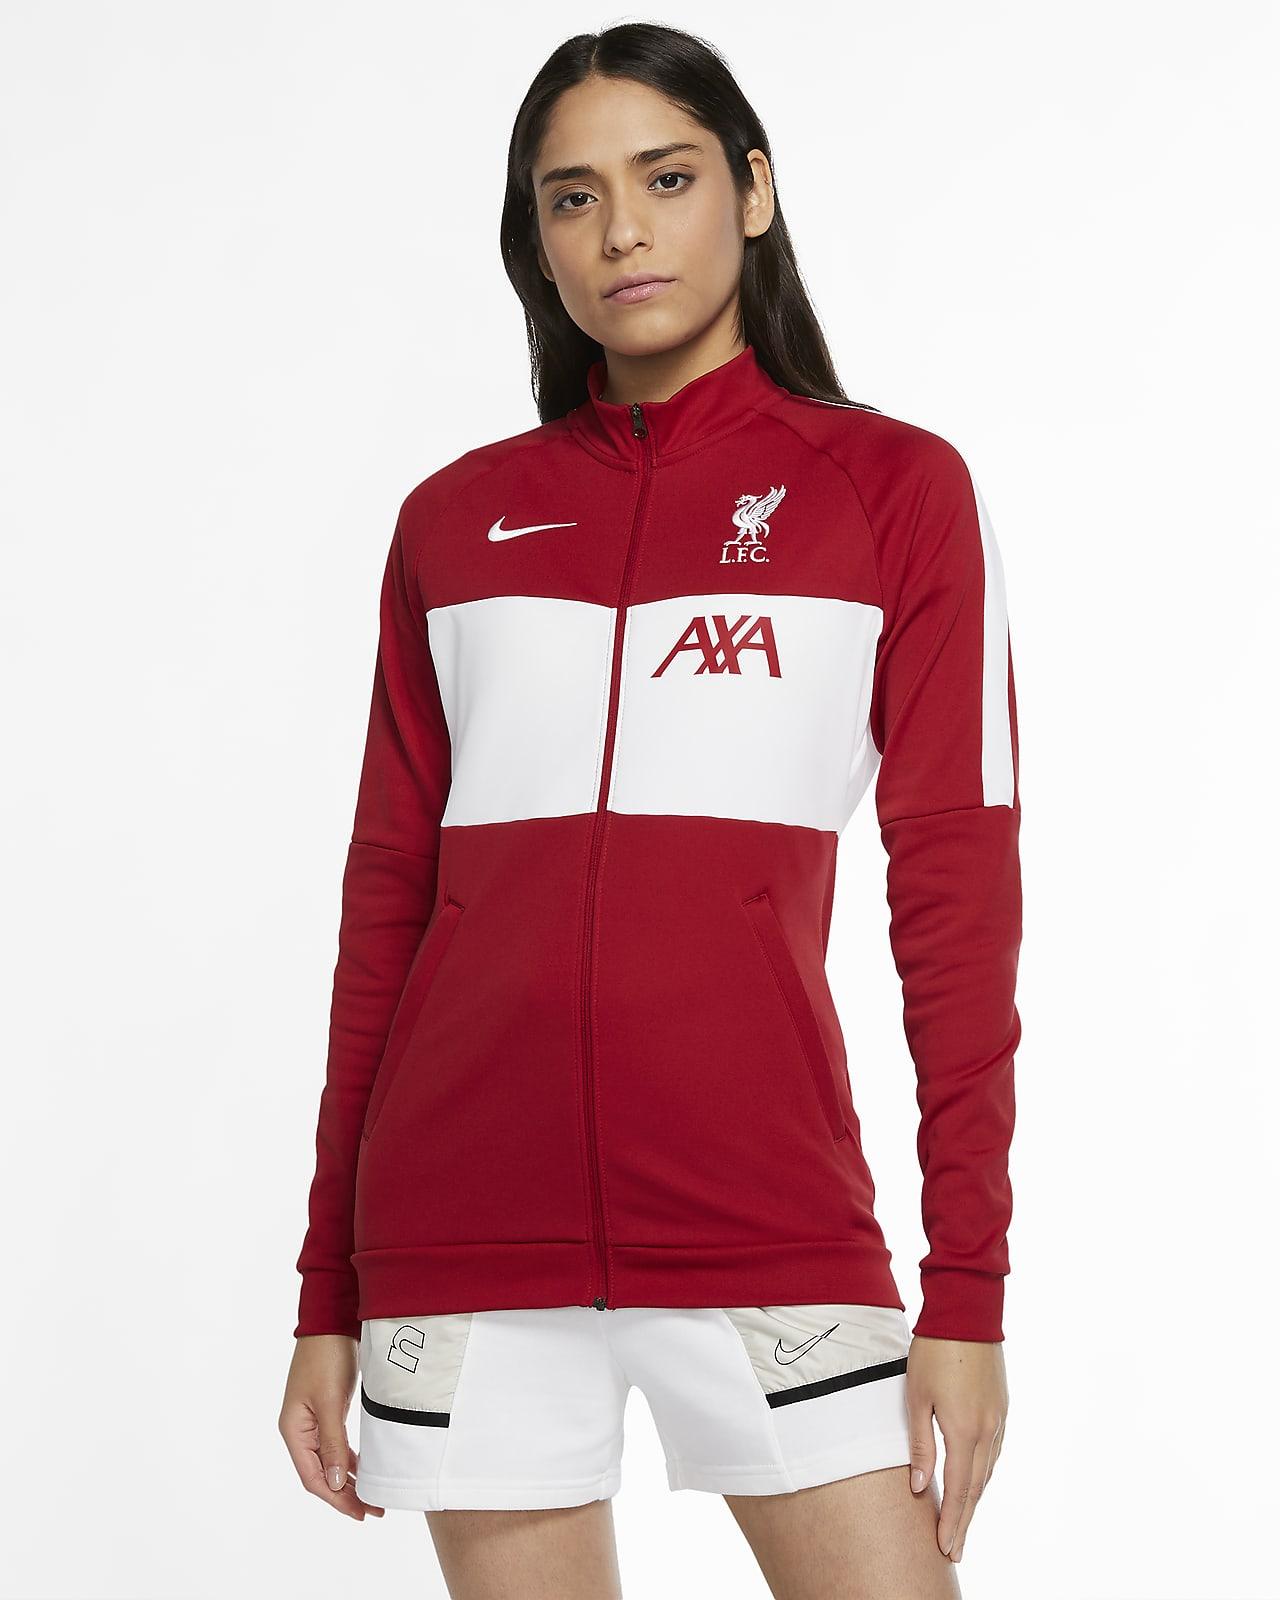 Liverpool FC vevd fotballbukse til dame. Nike NO